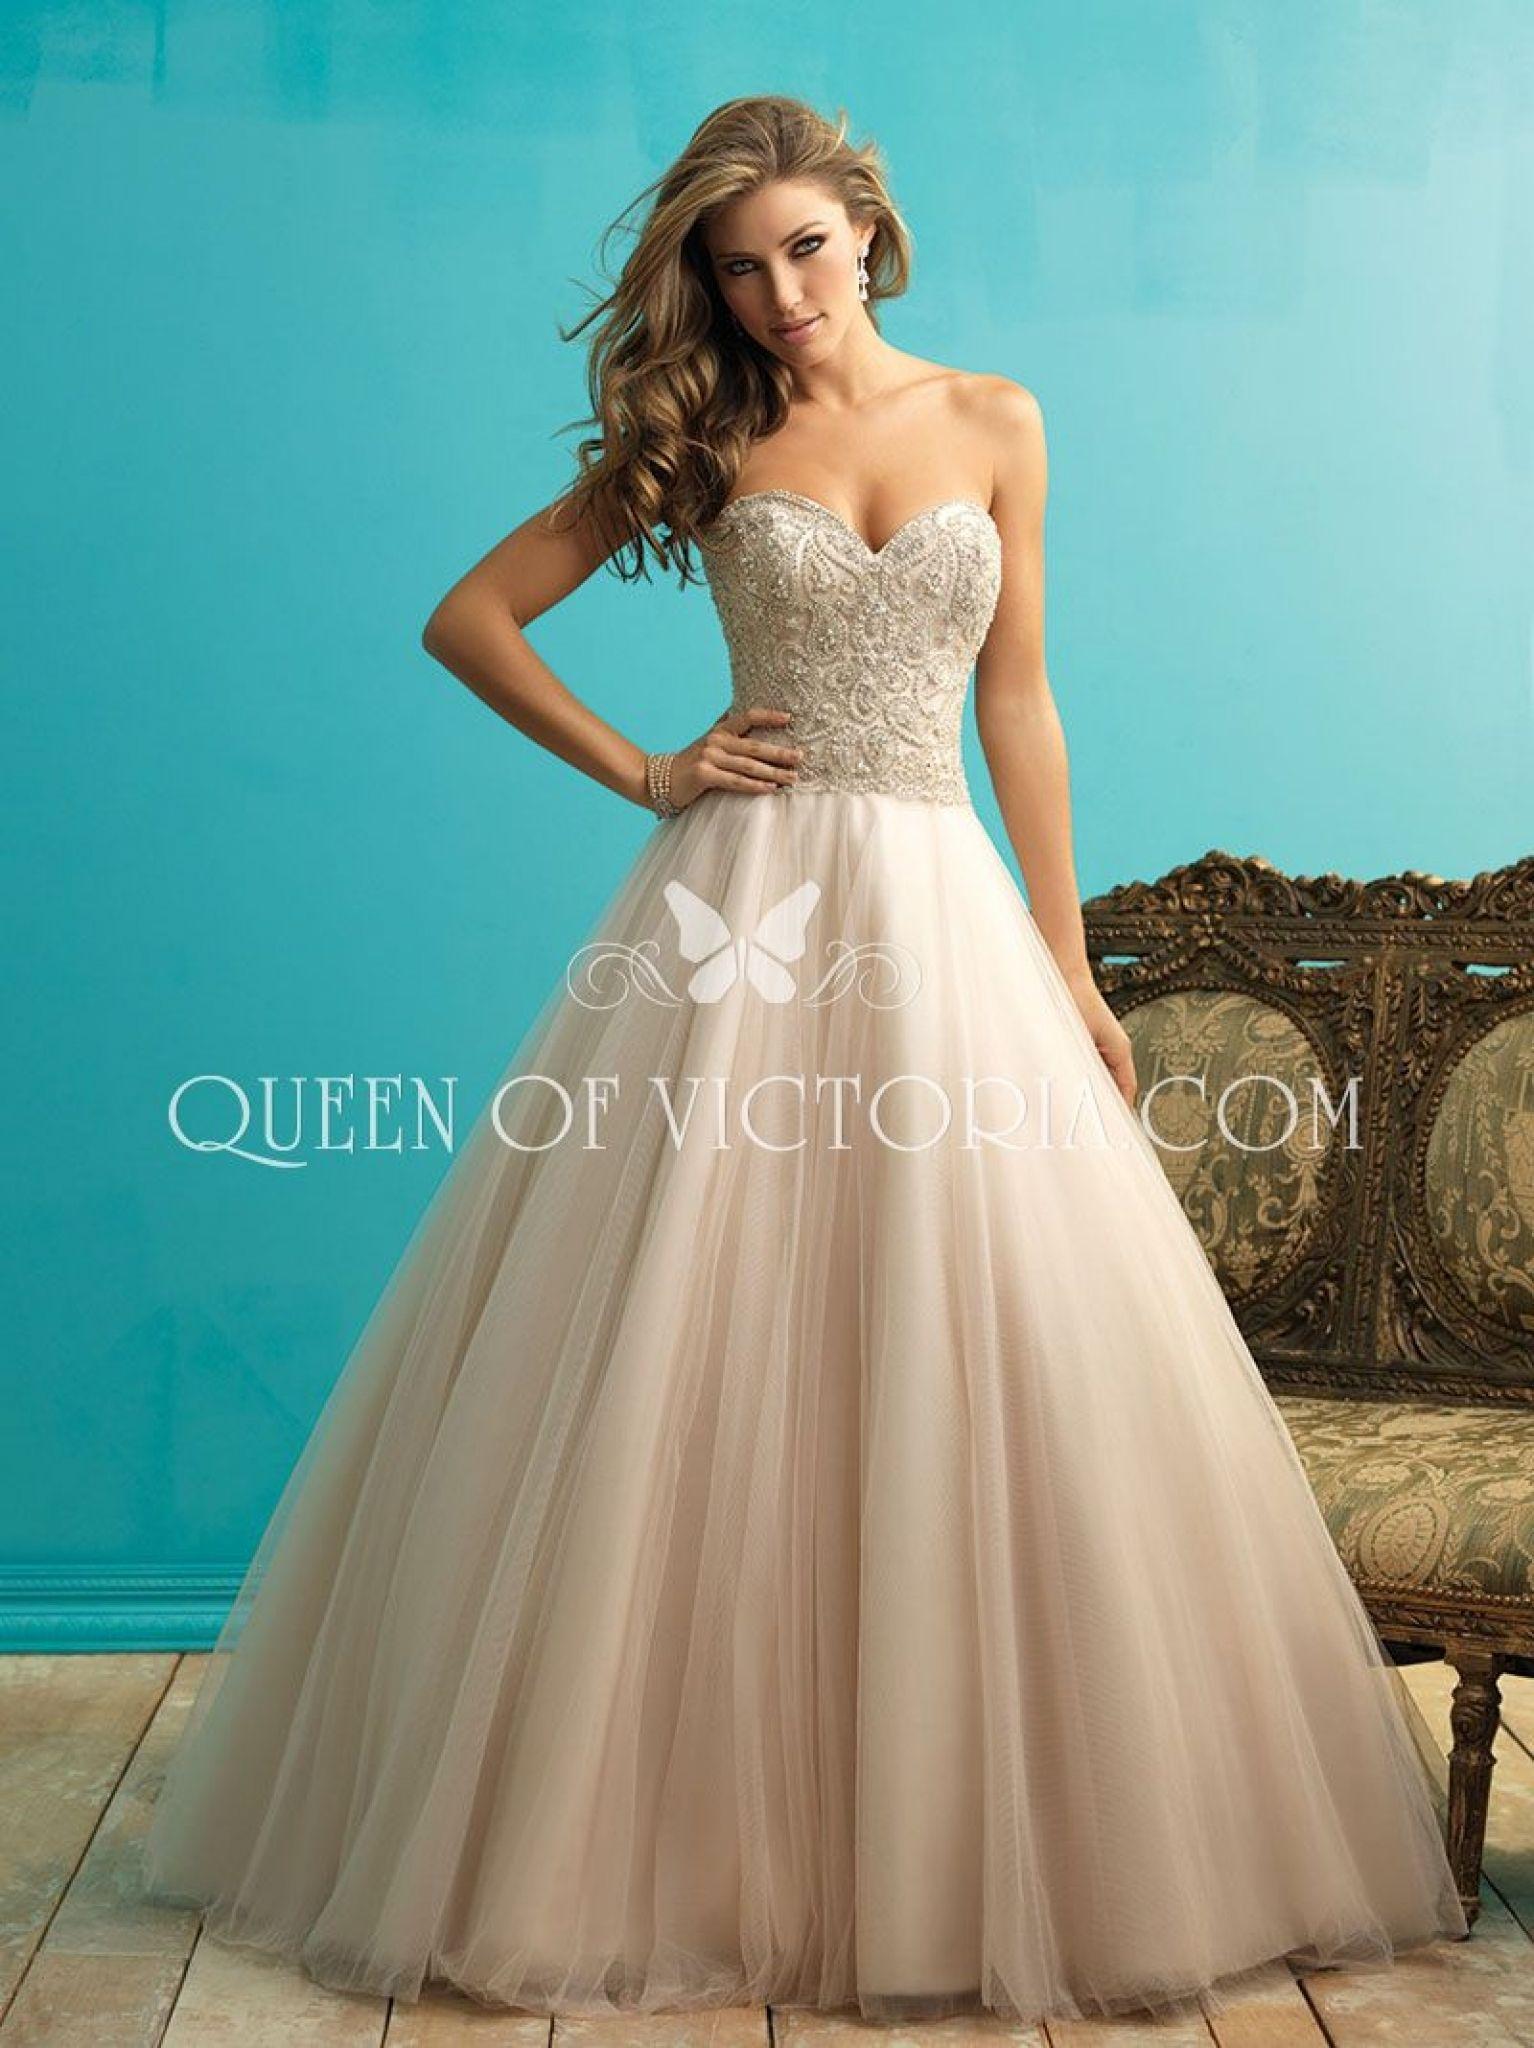 Old Fashioned Cute Dress For Wedding Embellishment - All Wedding ...